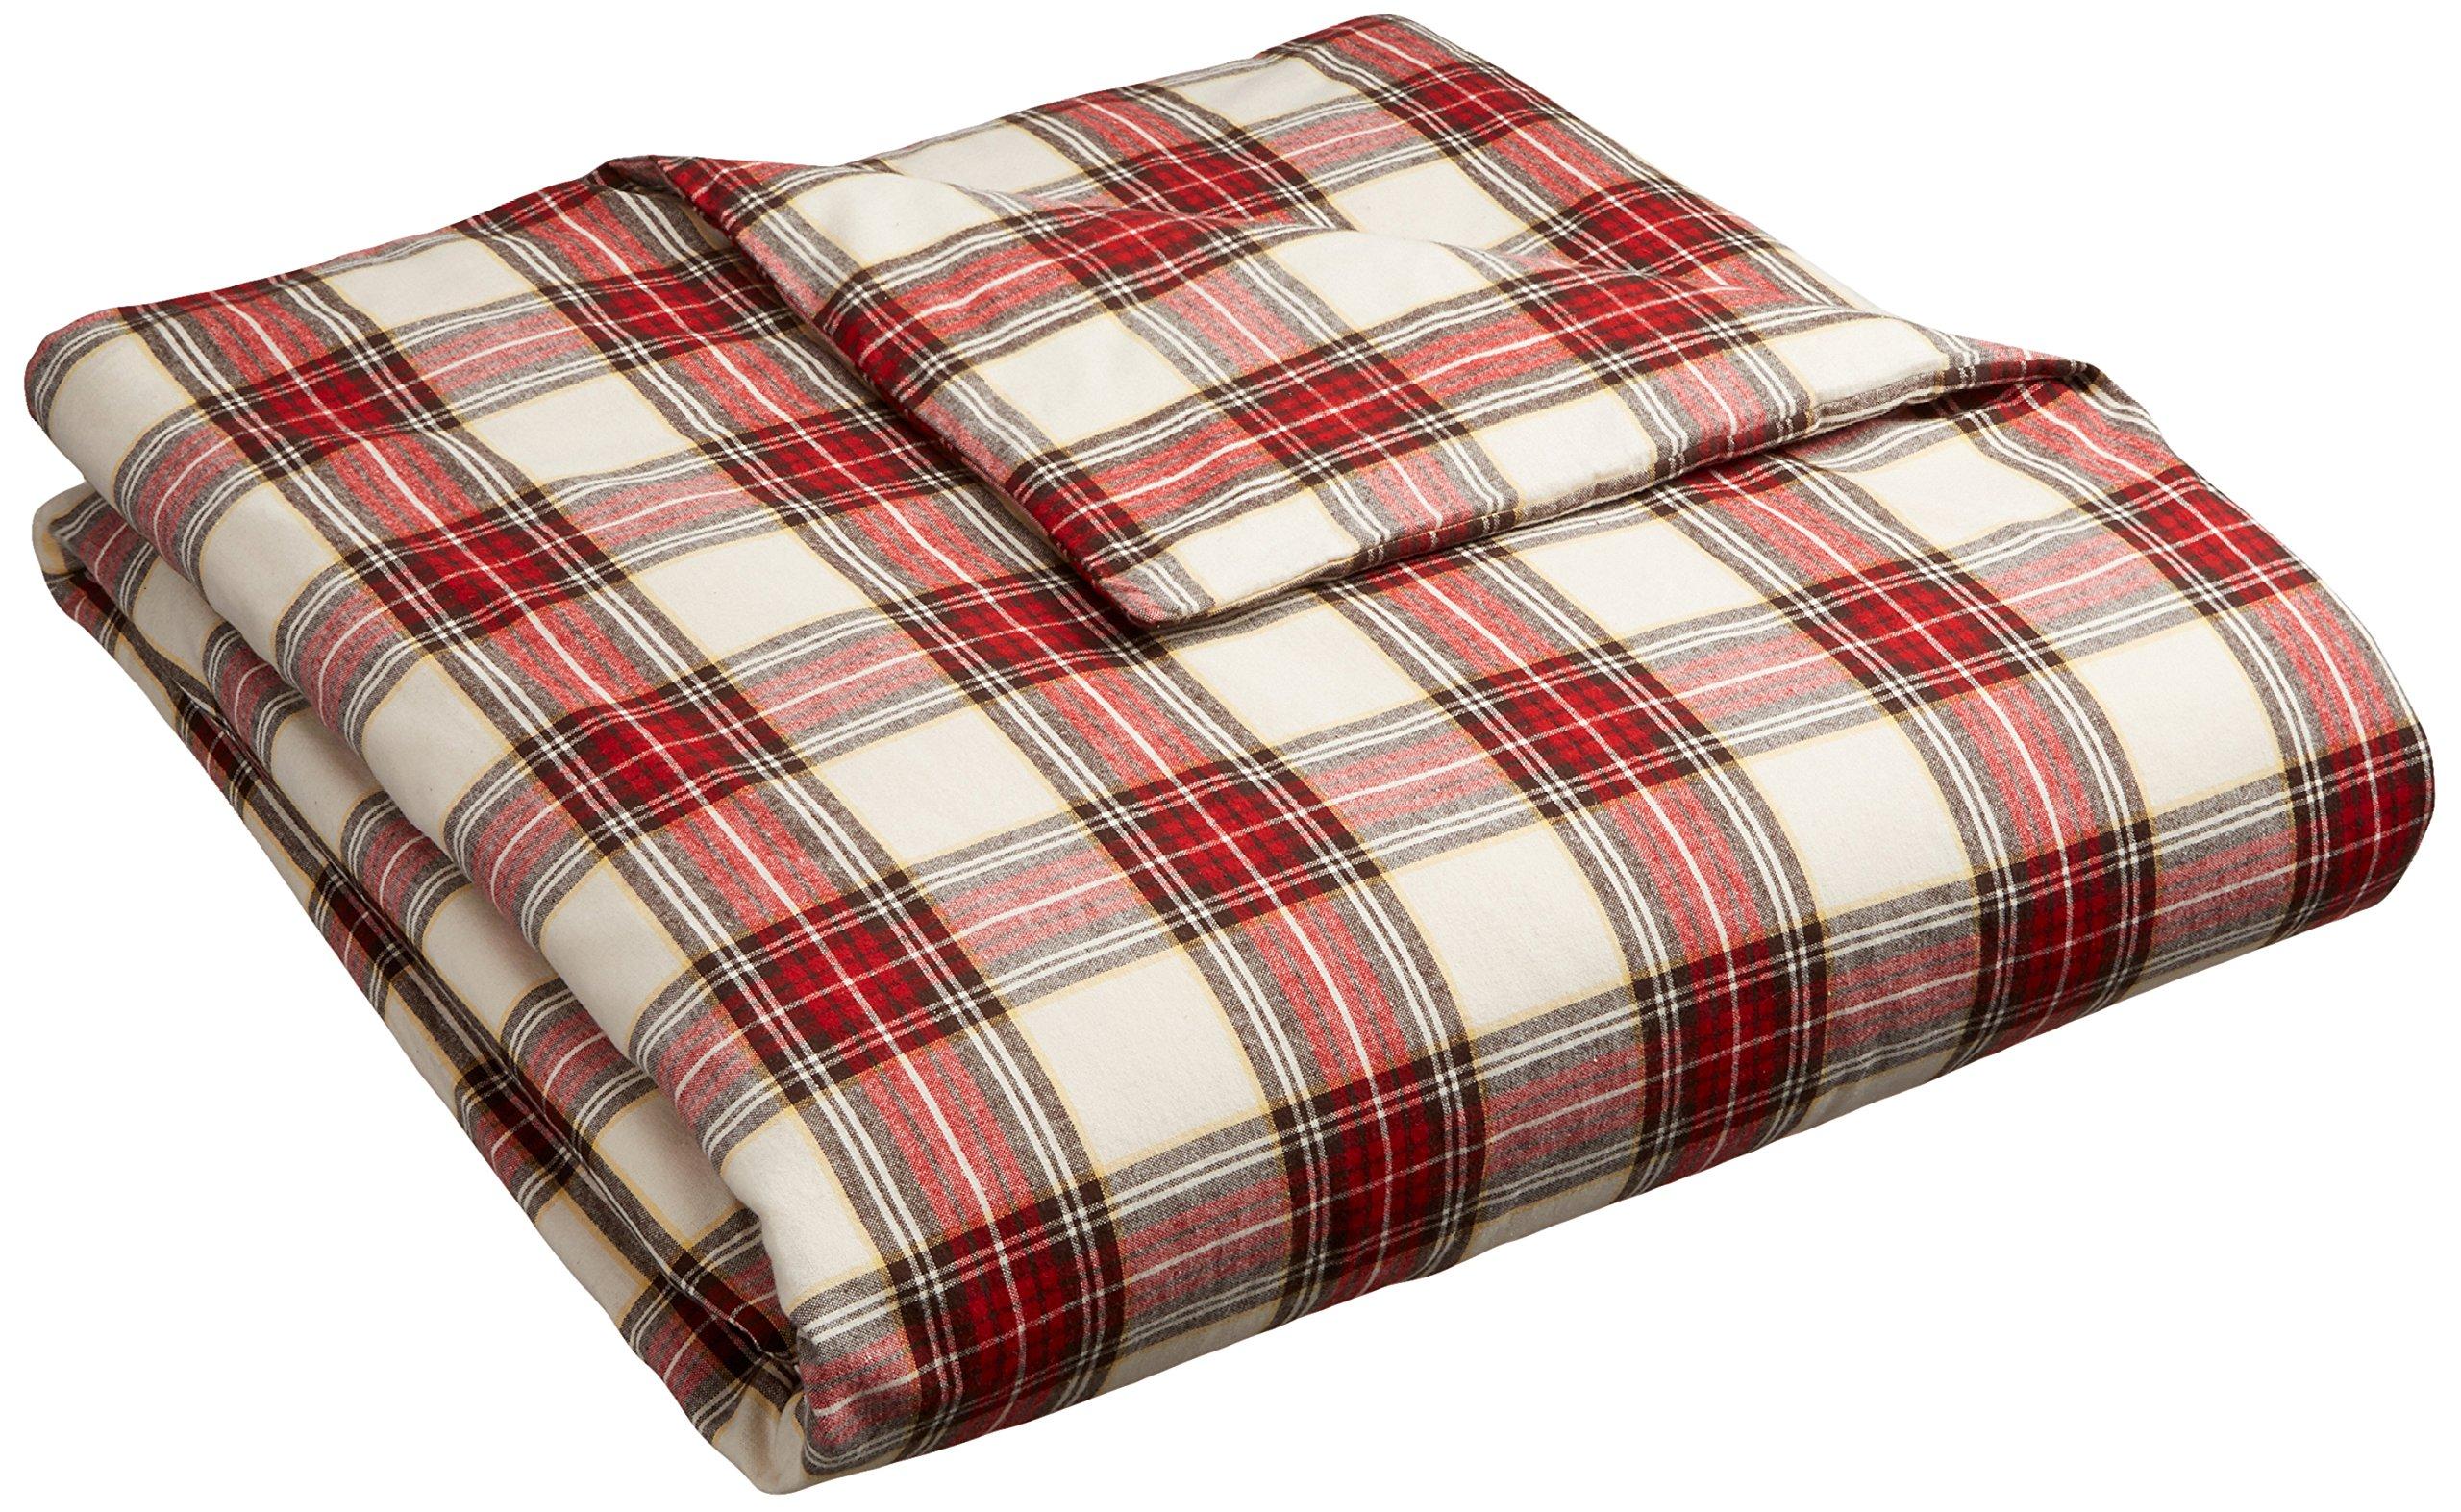 Pinzon 160 Gram Plaid Flannel Duvet Cover - Full/Queen, Cream/Red Plaid